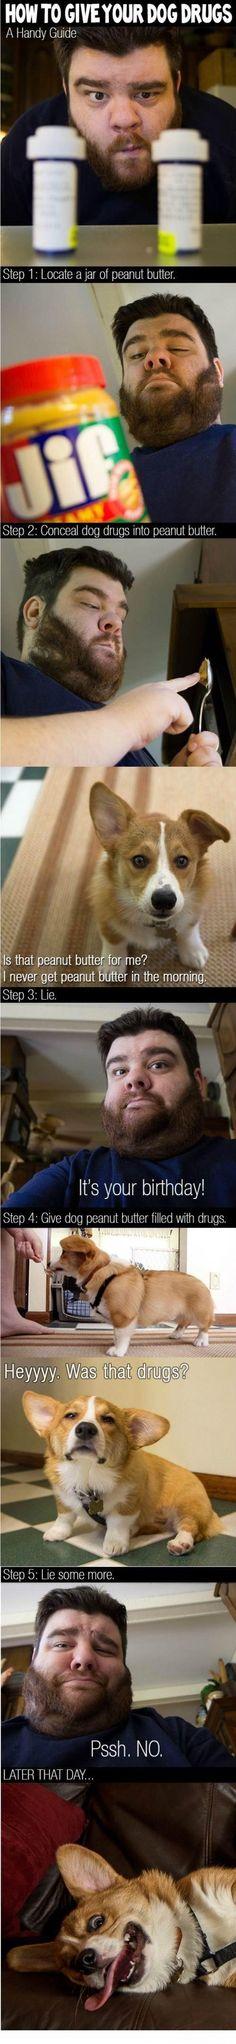 Doggie meds, haha!